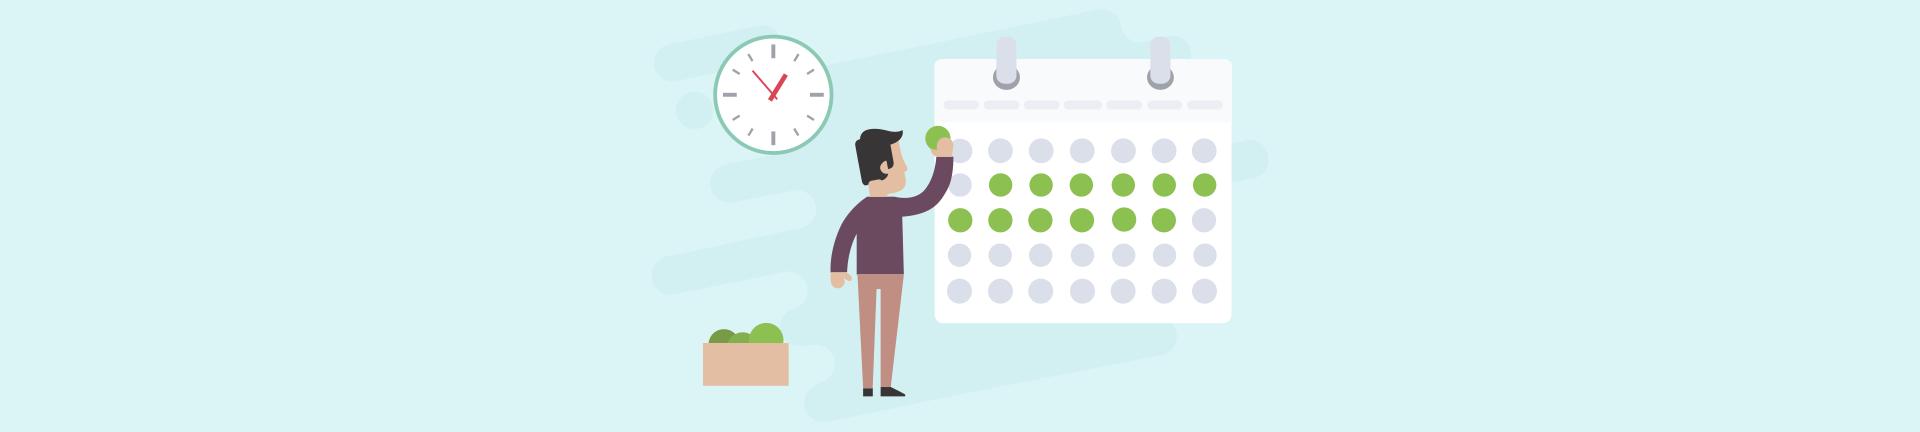 Les nouveaux concepts de Disponibilité et Planifier dans Pinpoint Booking System 3.0